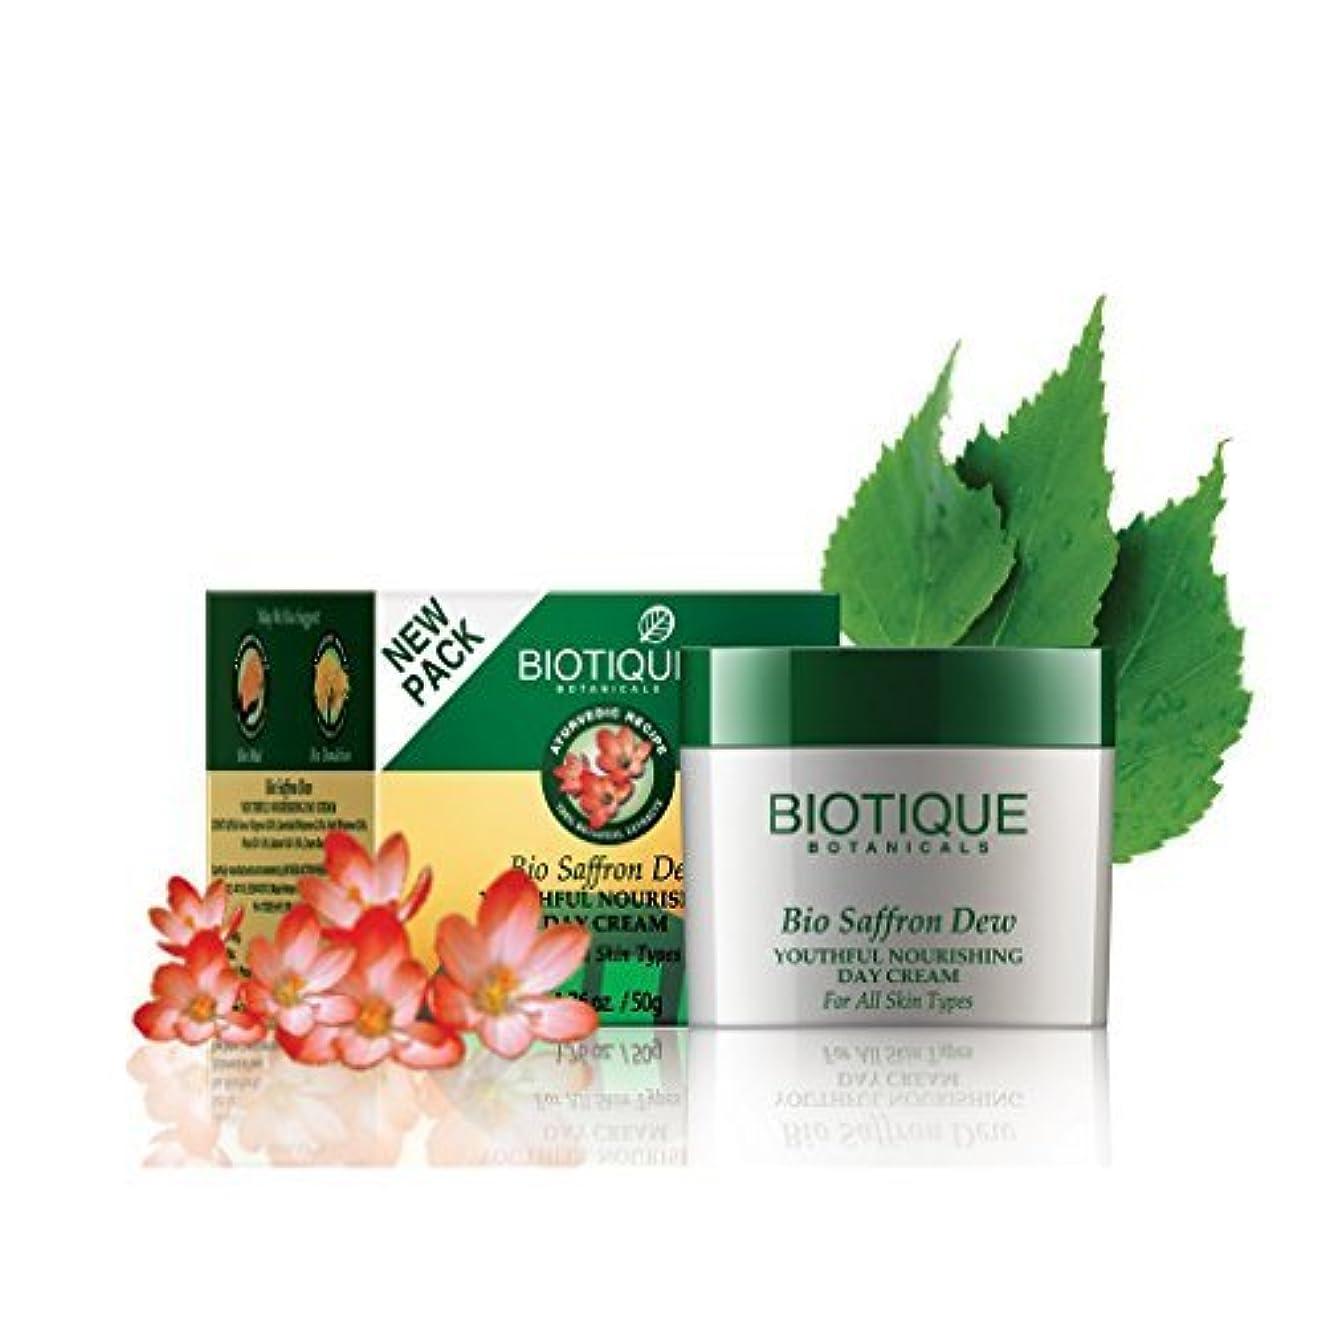 製油所ディレクトリ判読できないBiotique Saffron Dew 50g -- Ageless face & body cream by Biotique [並行輸入品]